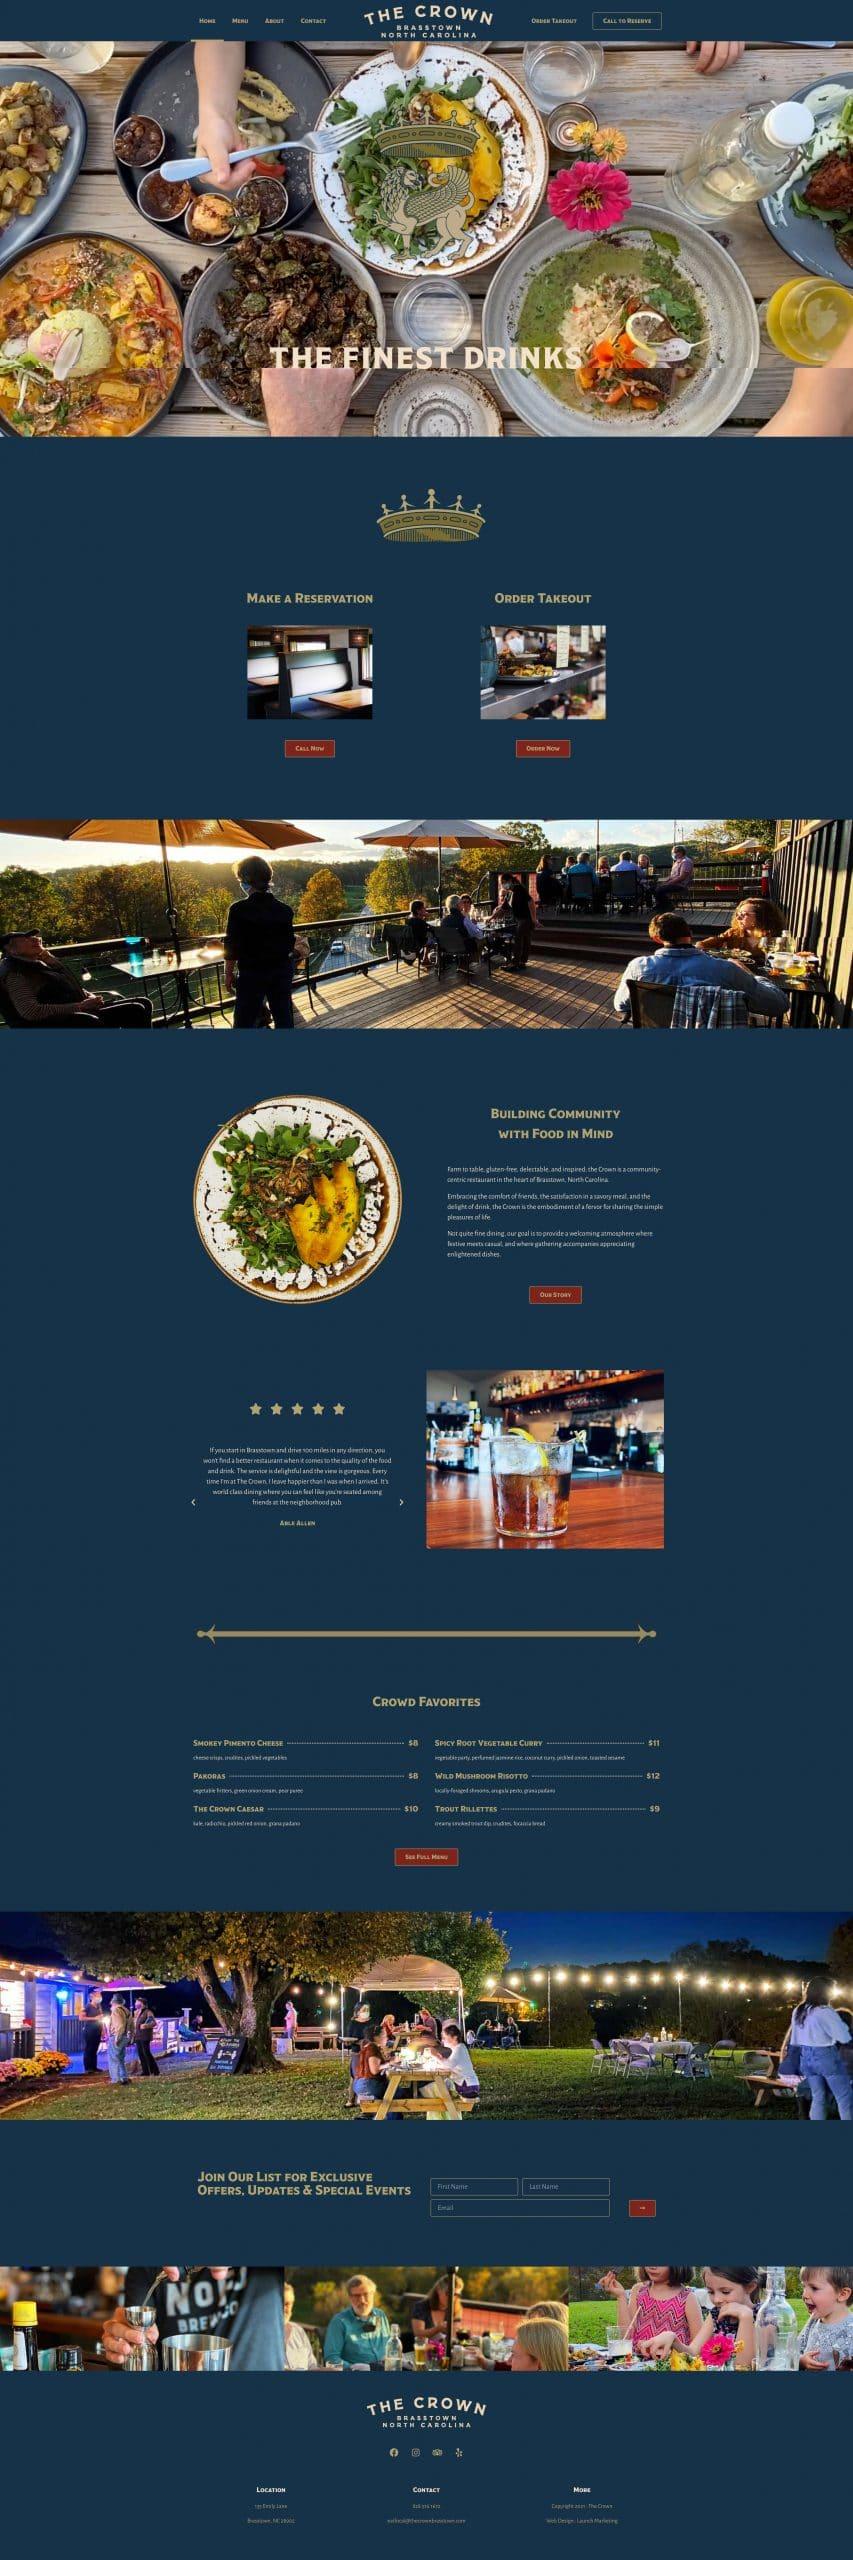 The Crown Brasstown Website